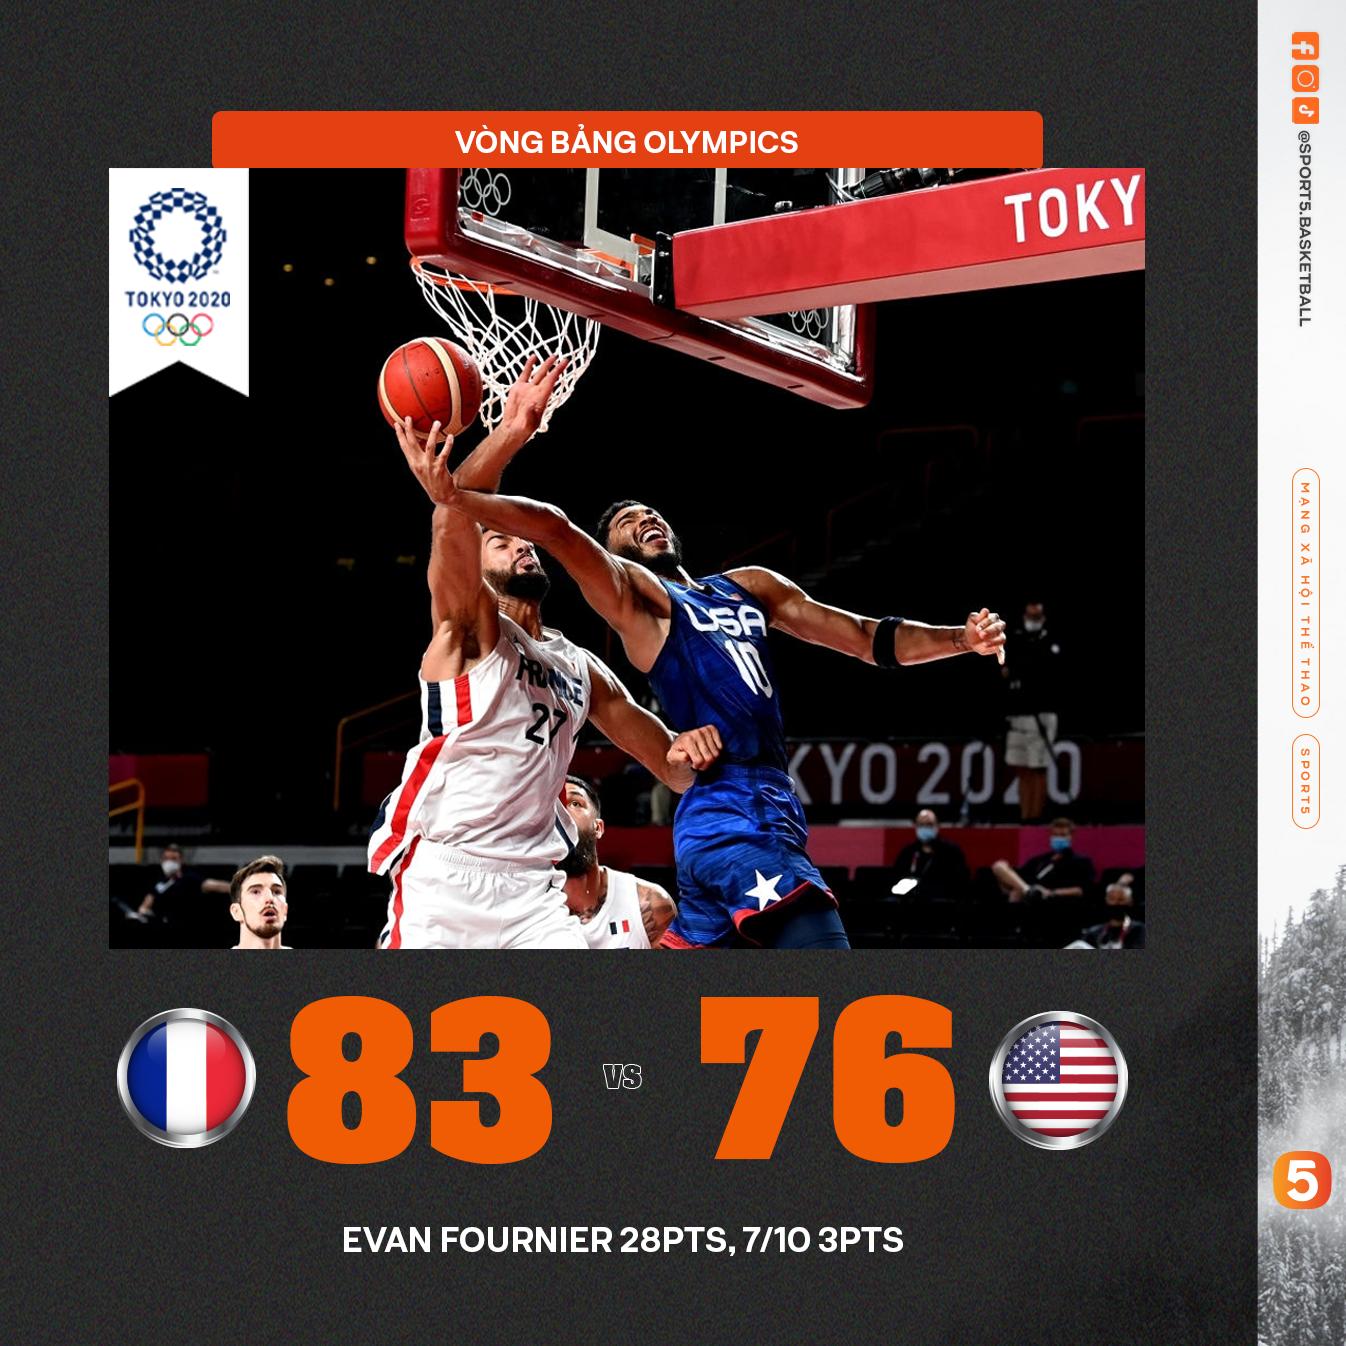 Tổng hợp kết quả ngày thi đấu thứ 1 Bóng rổ Olympics: Cú sốc mang tên ĐT Mỹ - Ảnh 1.